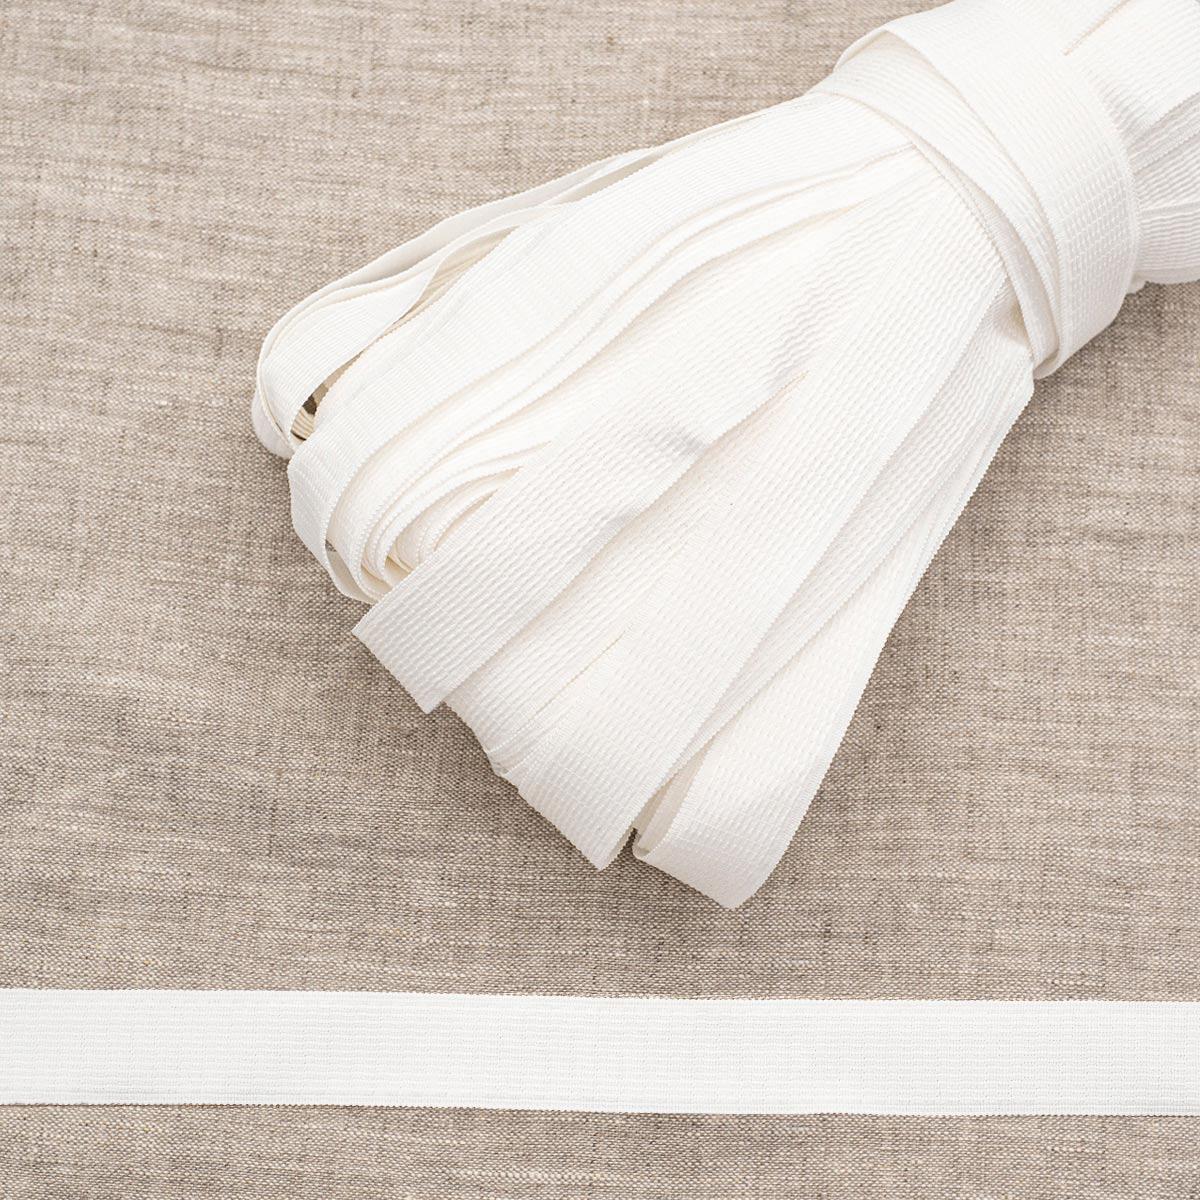 K-270/22 лента для швейных изделий 22мм, 25м